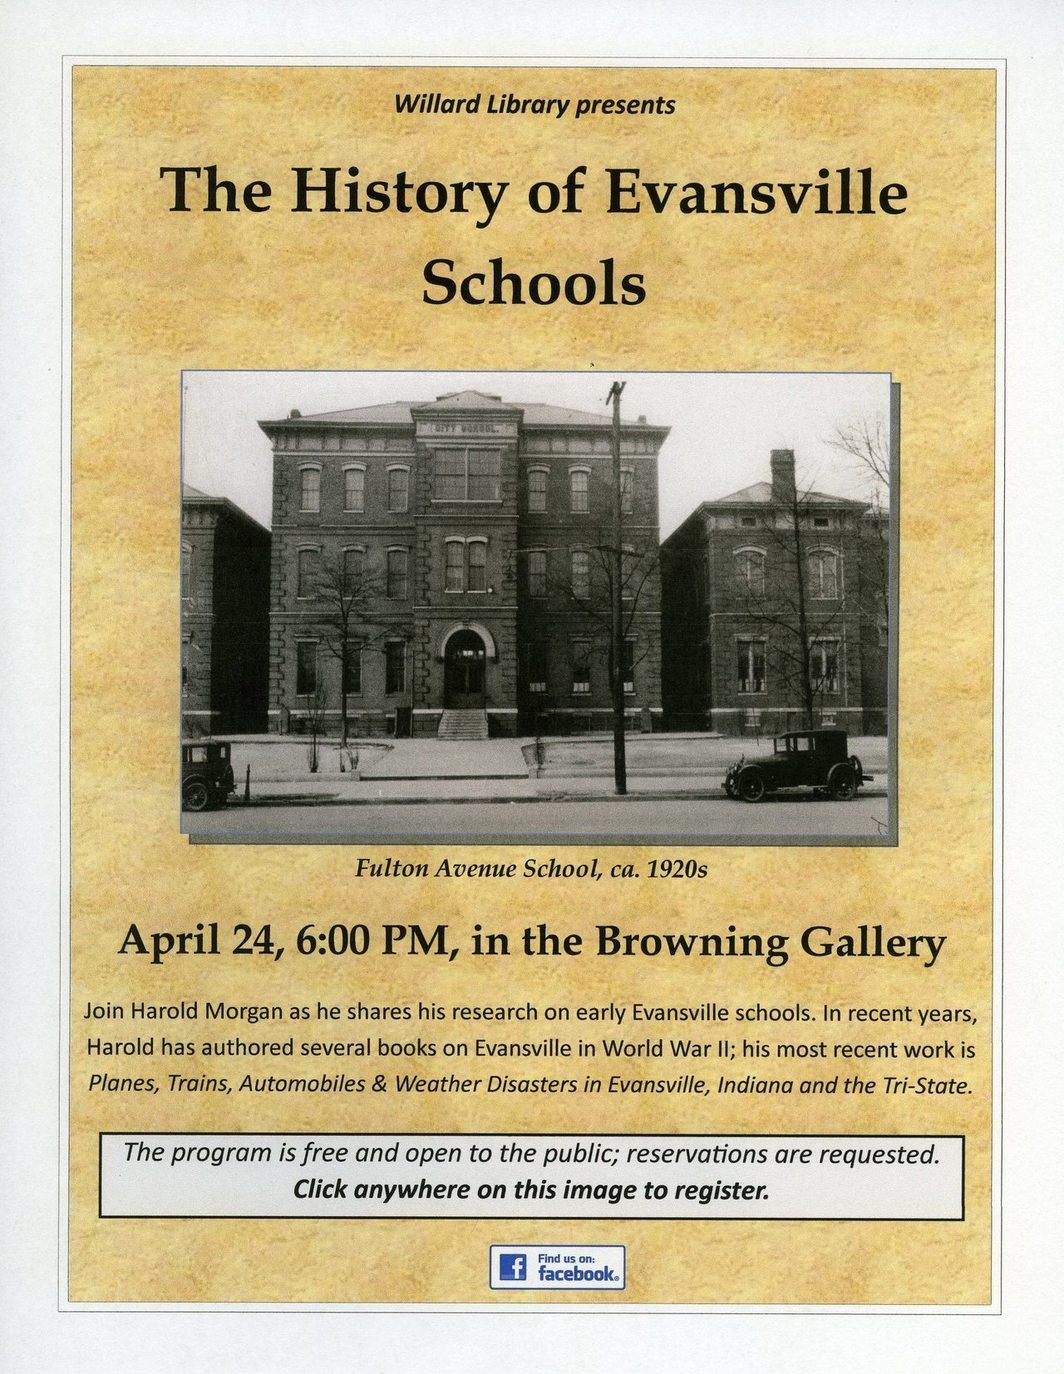 History of Evansville Schools program